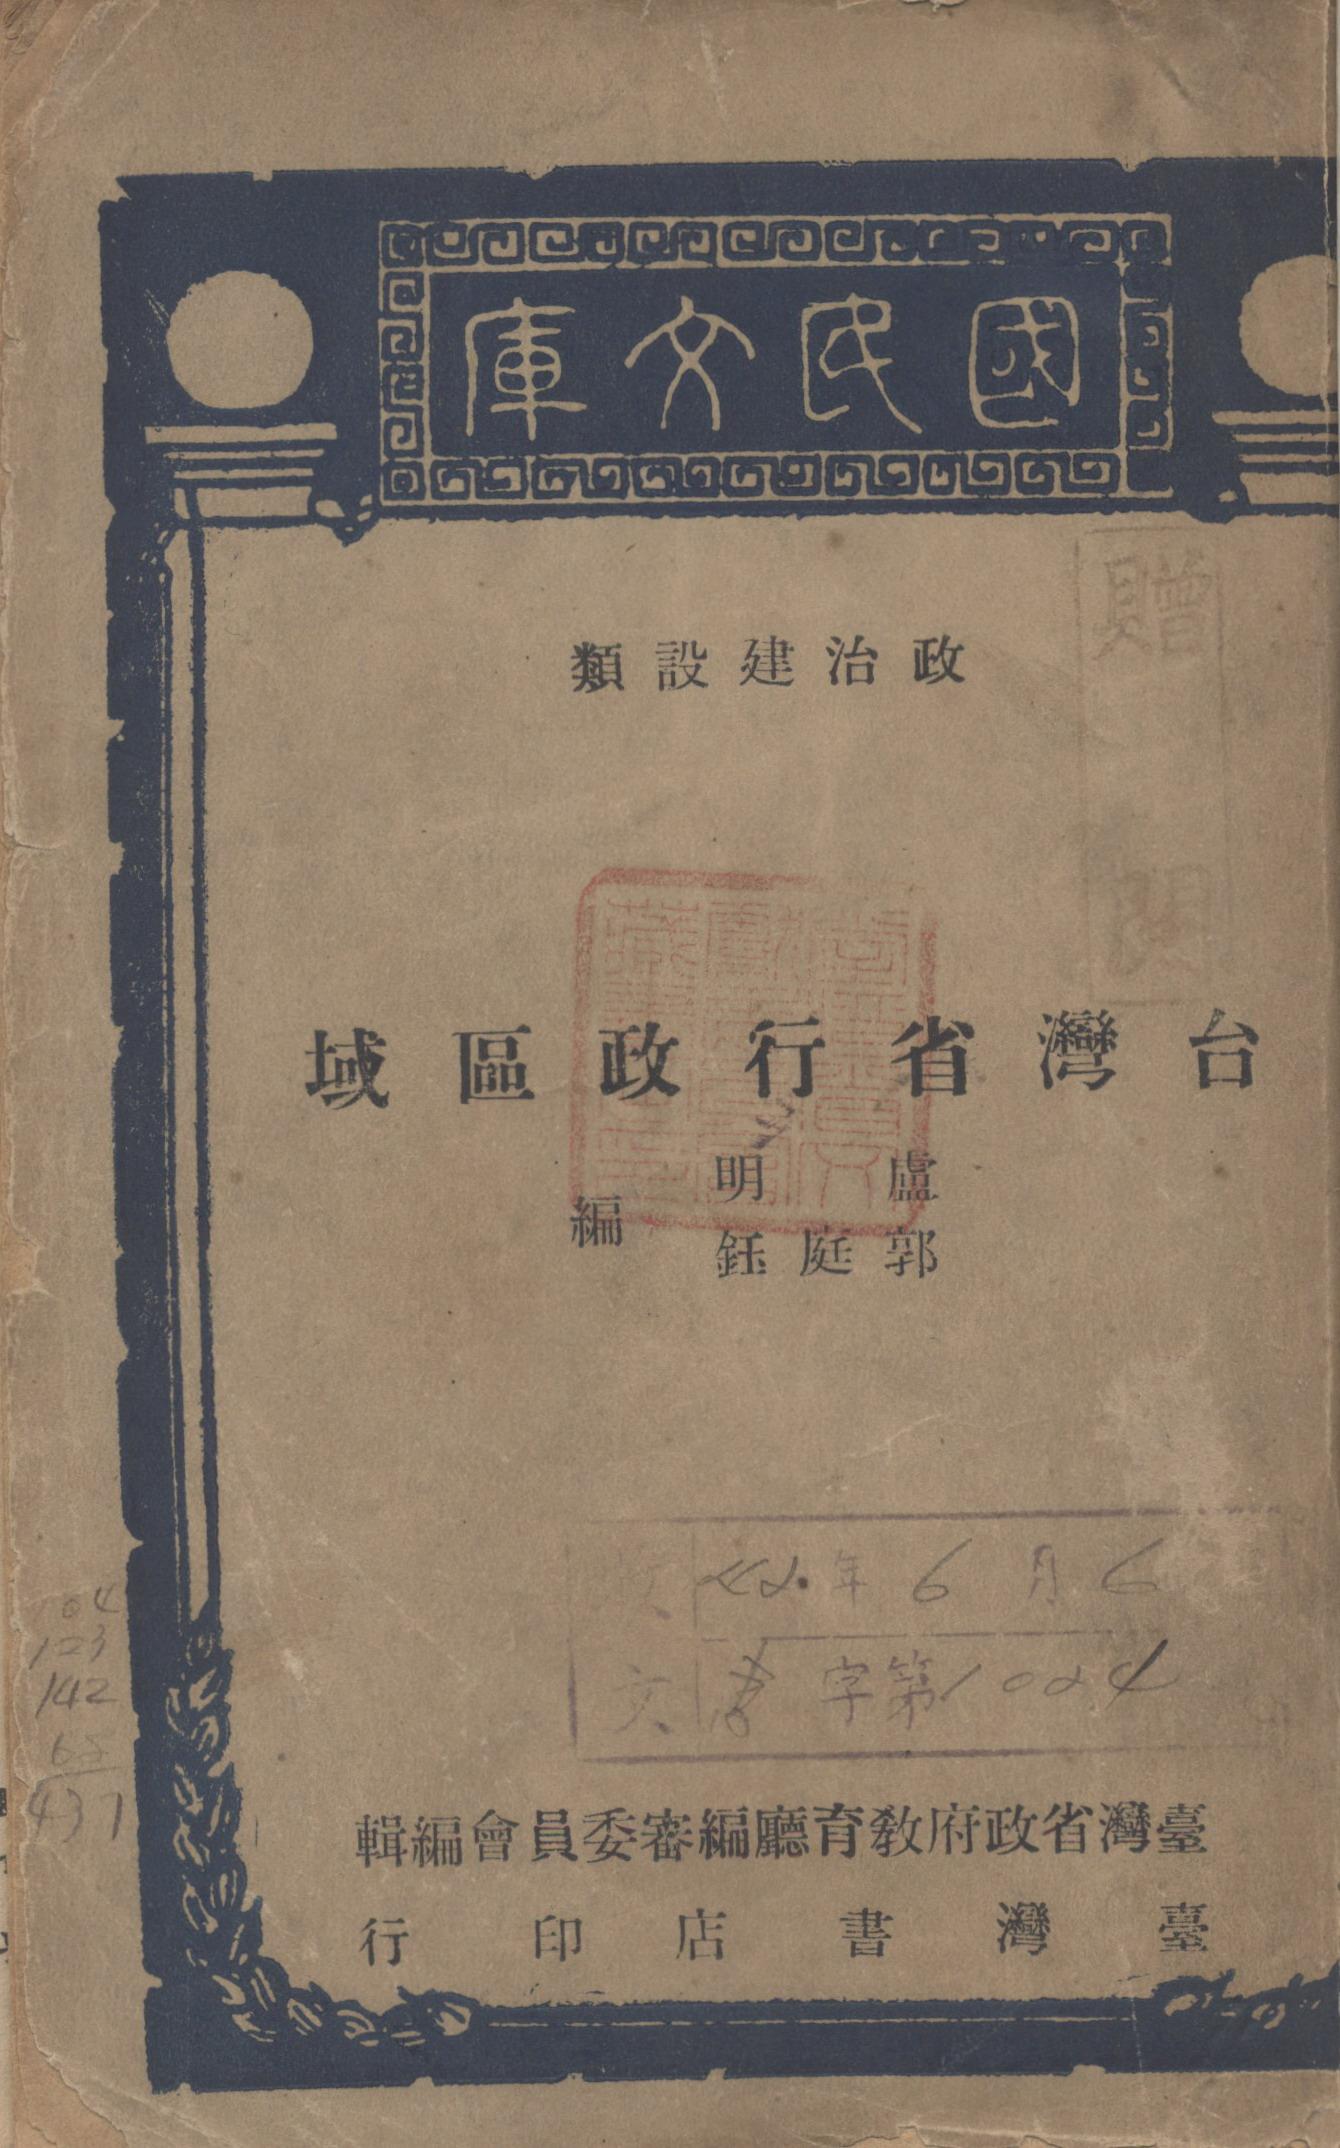 《臺灣省行政區域》封面